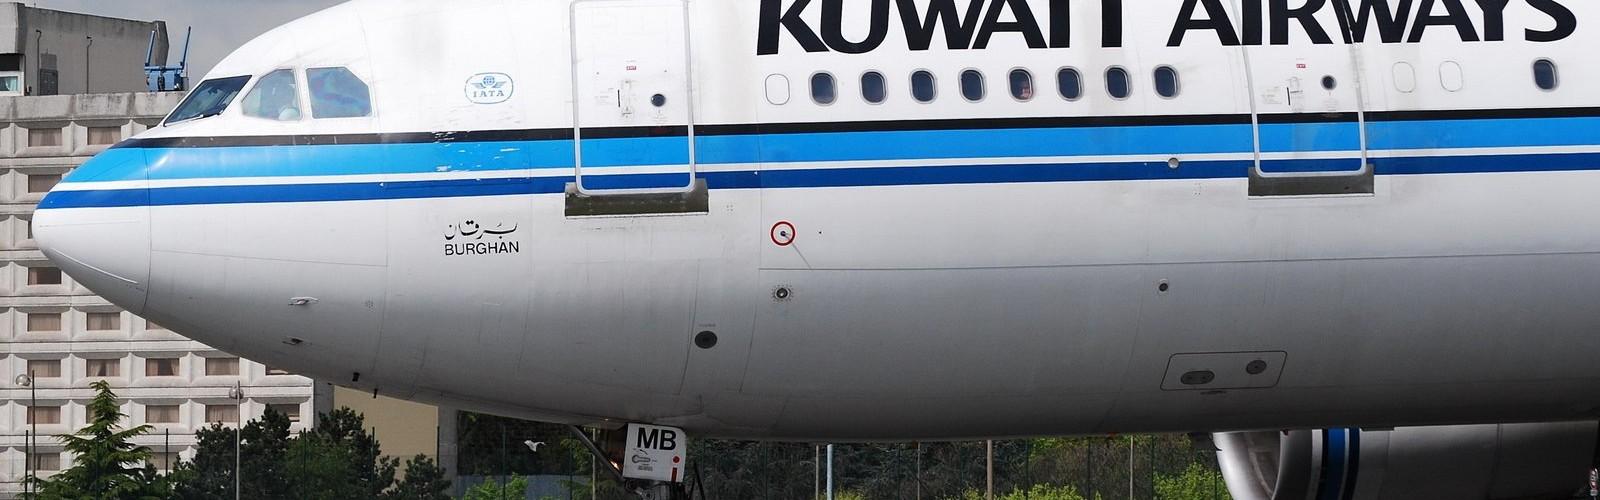 الخطوط الكويتية إلى شرم الشيخ